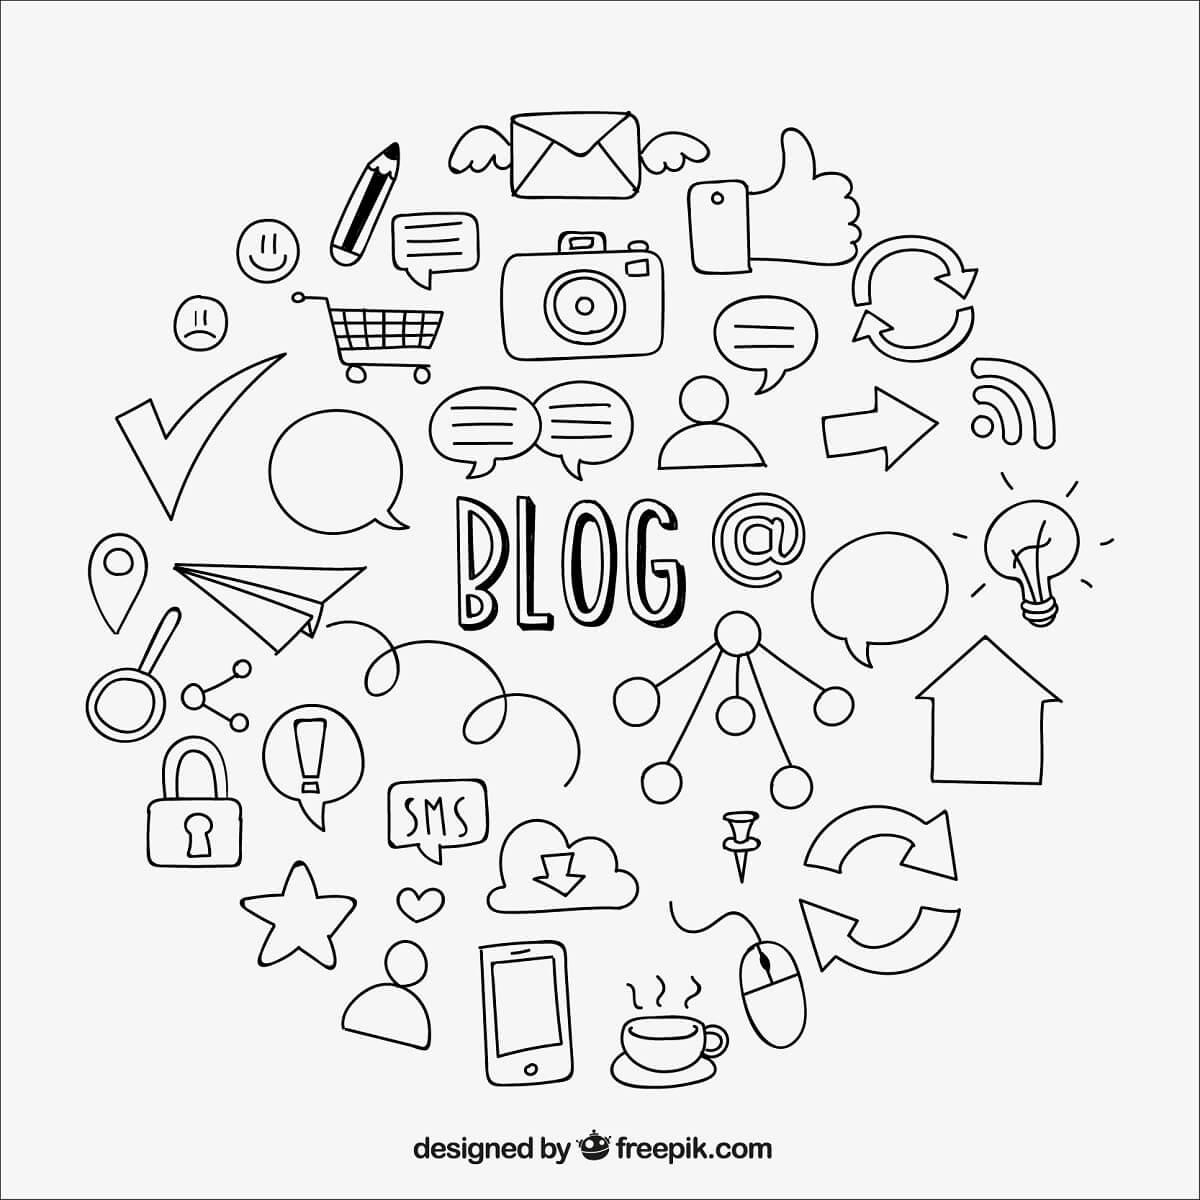 ブログのイラスト。